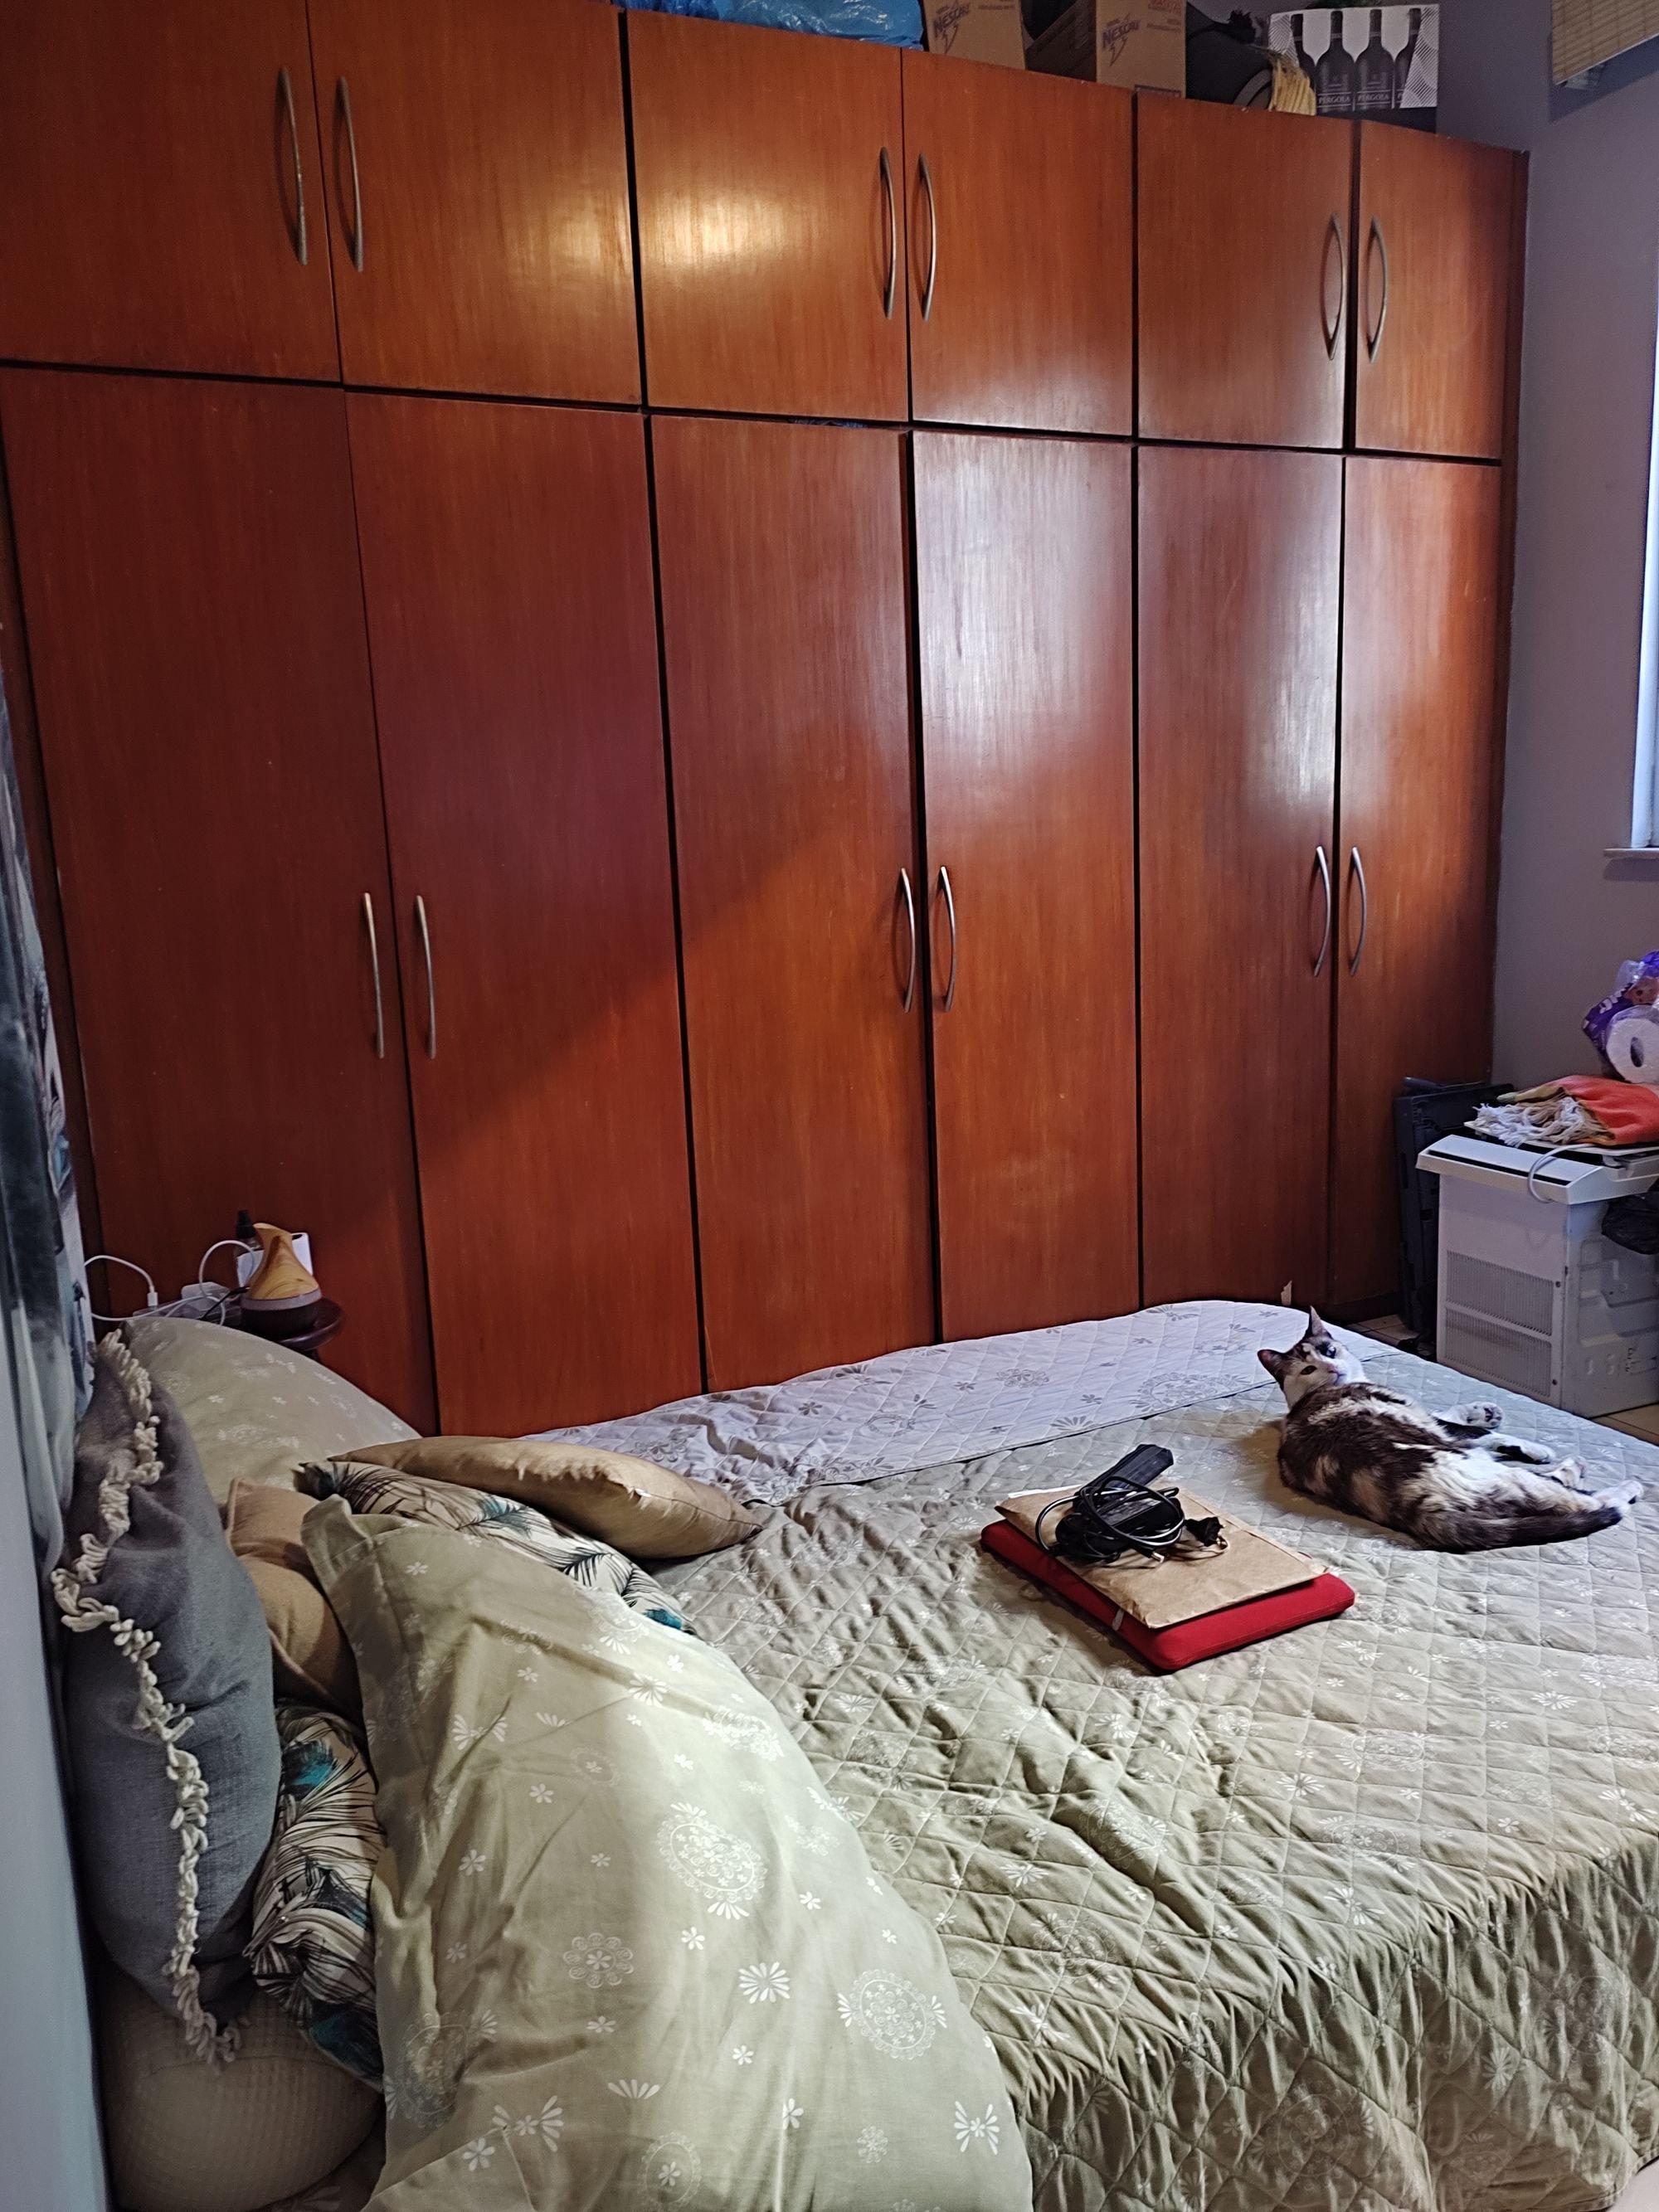 Foto de Quarto com cama, gato, livro